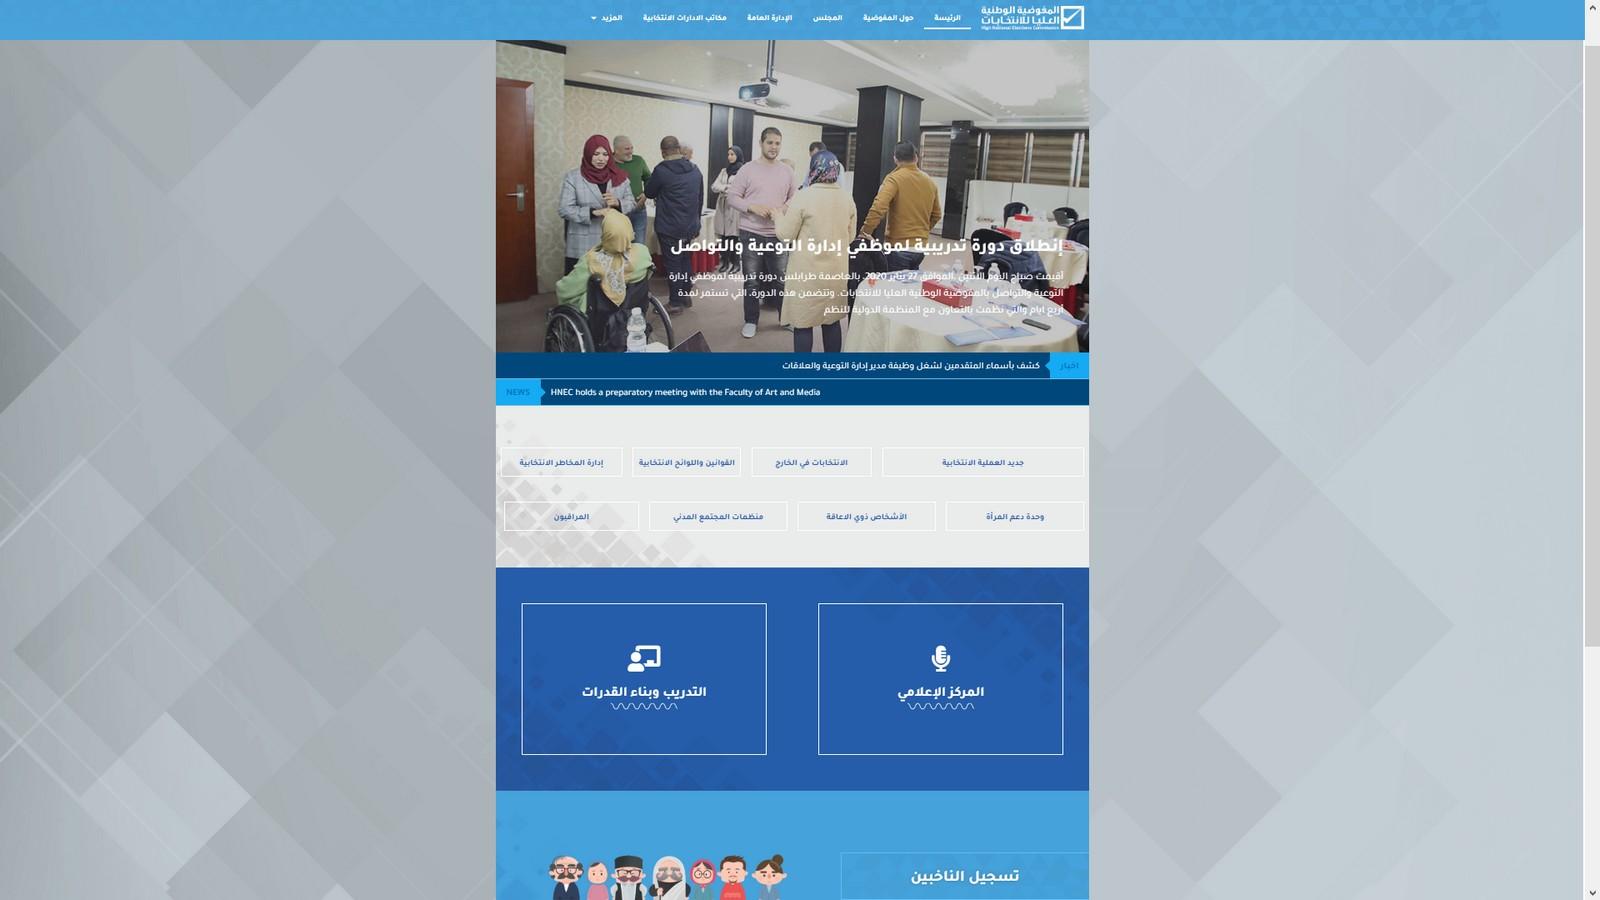 المفوضية تطلق موقعها الالكتروني الجديد على شبكة الانترنت